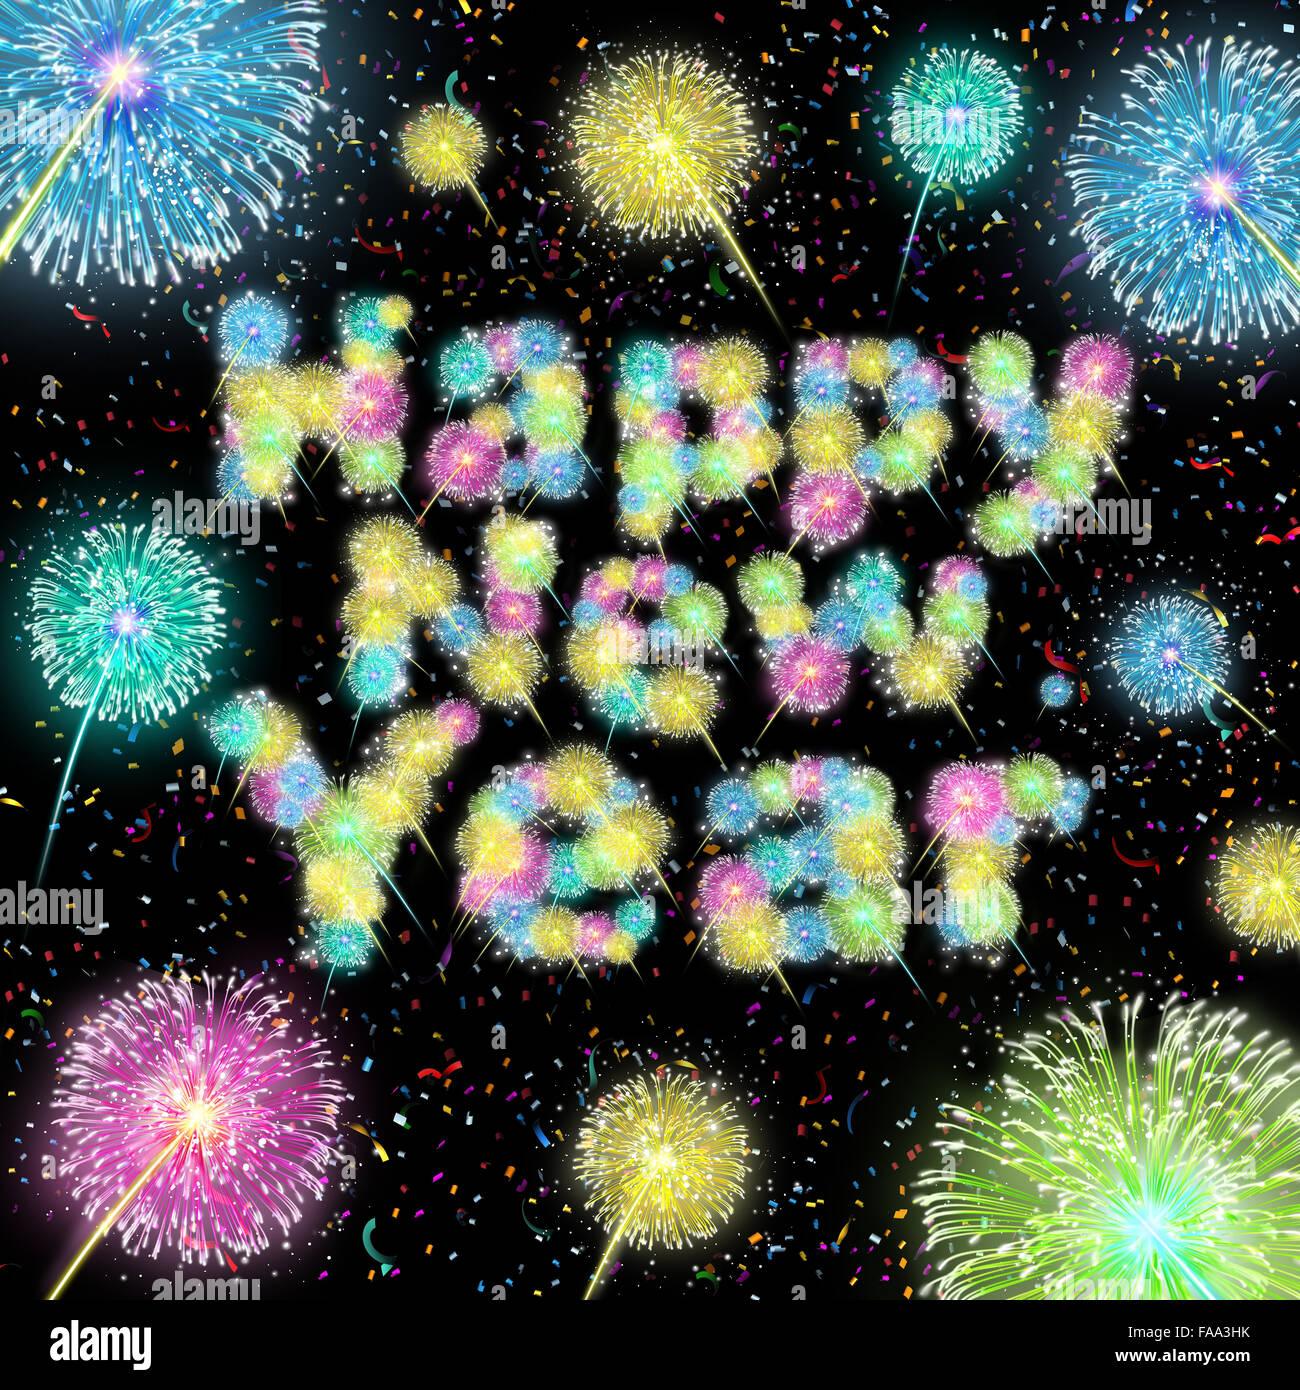 Felice anno nuovo celebrazione testo realizzato con burst di fireworks display con una luce di illuminazione mostra Immagini Stock